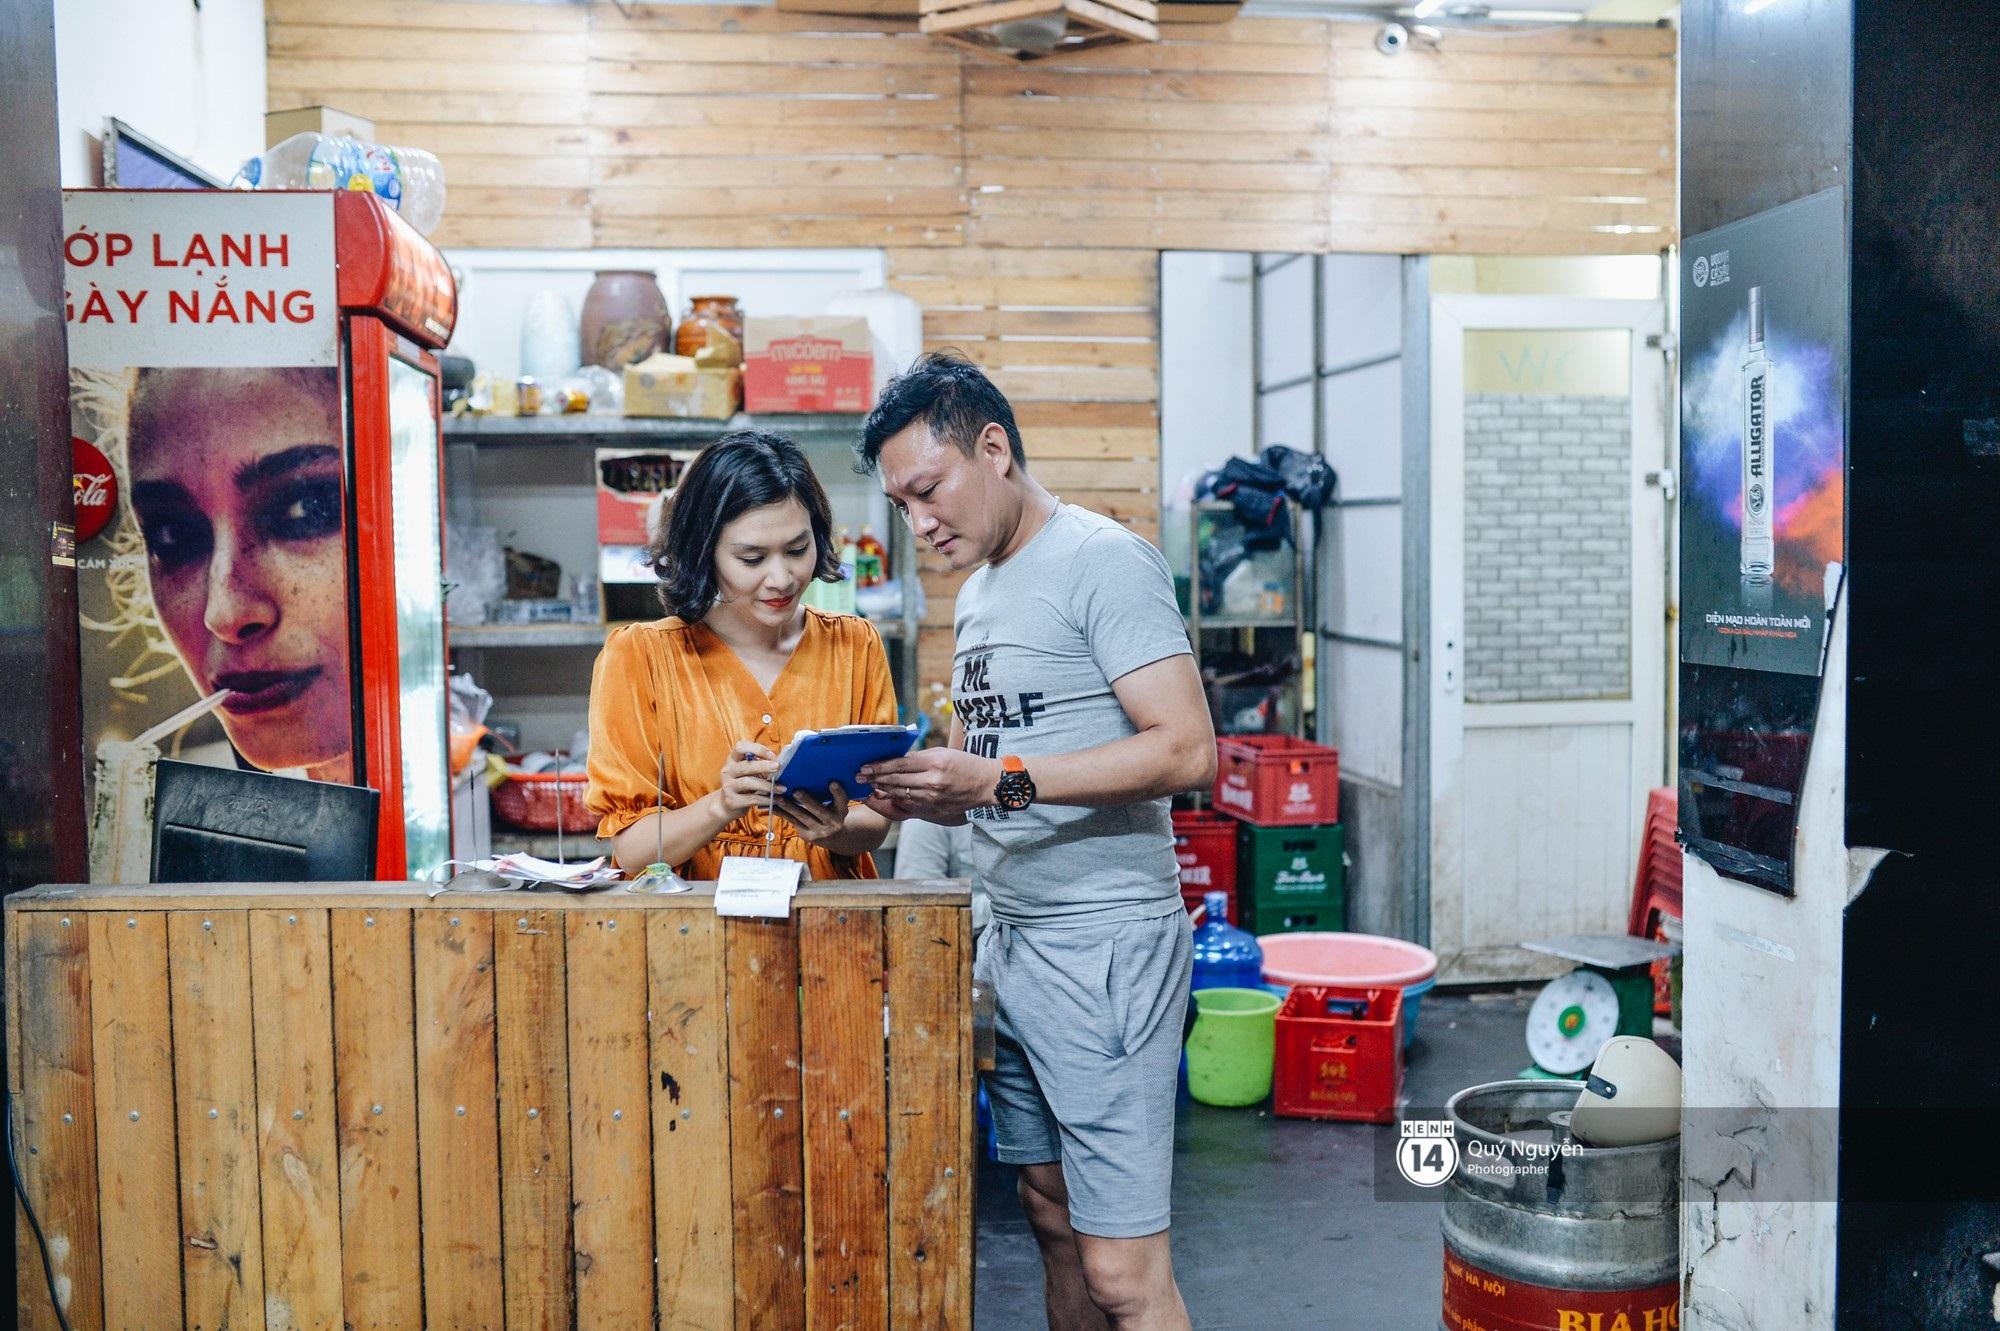 Cuộc sống hiện tại của Nguyệt trong Phía trước là bầu trời: Sáng đi dạy múa, tối về làm chủ quán bia - Ảnh 8